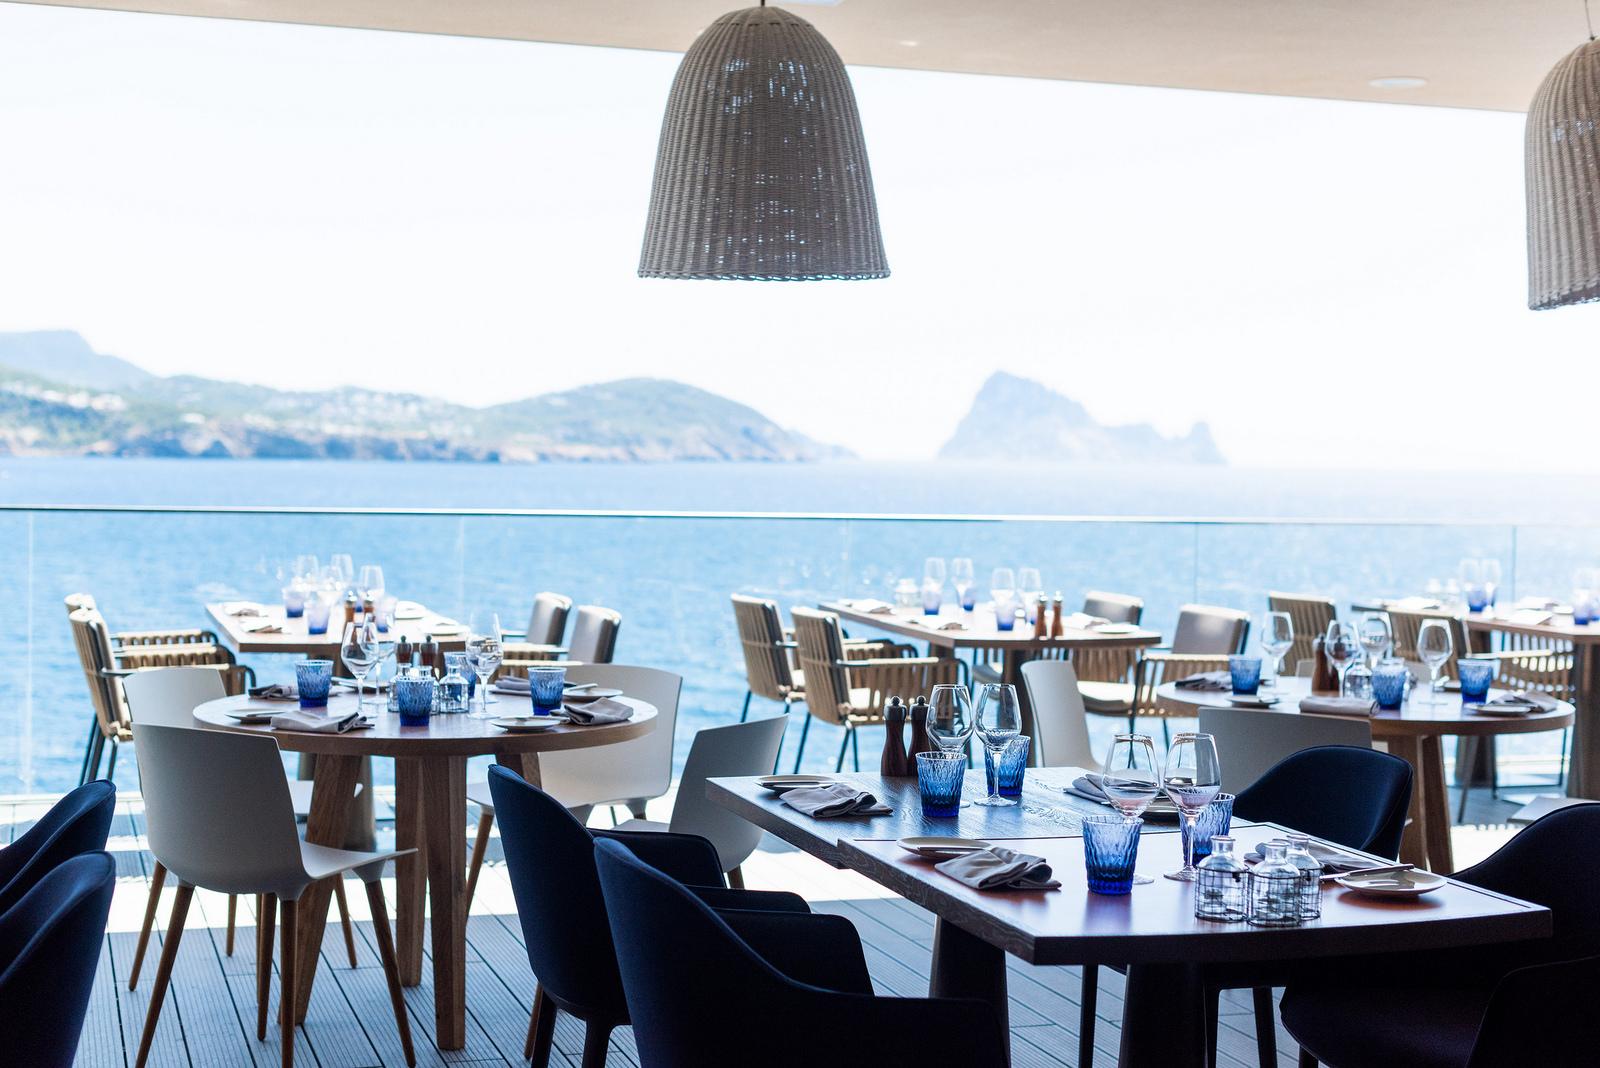 https://www.white-ibiza.com/wp-content/uploads/2020/03/white-ibiza-restaurants-the-view-2020-01.jpg